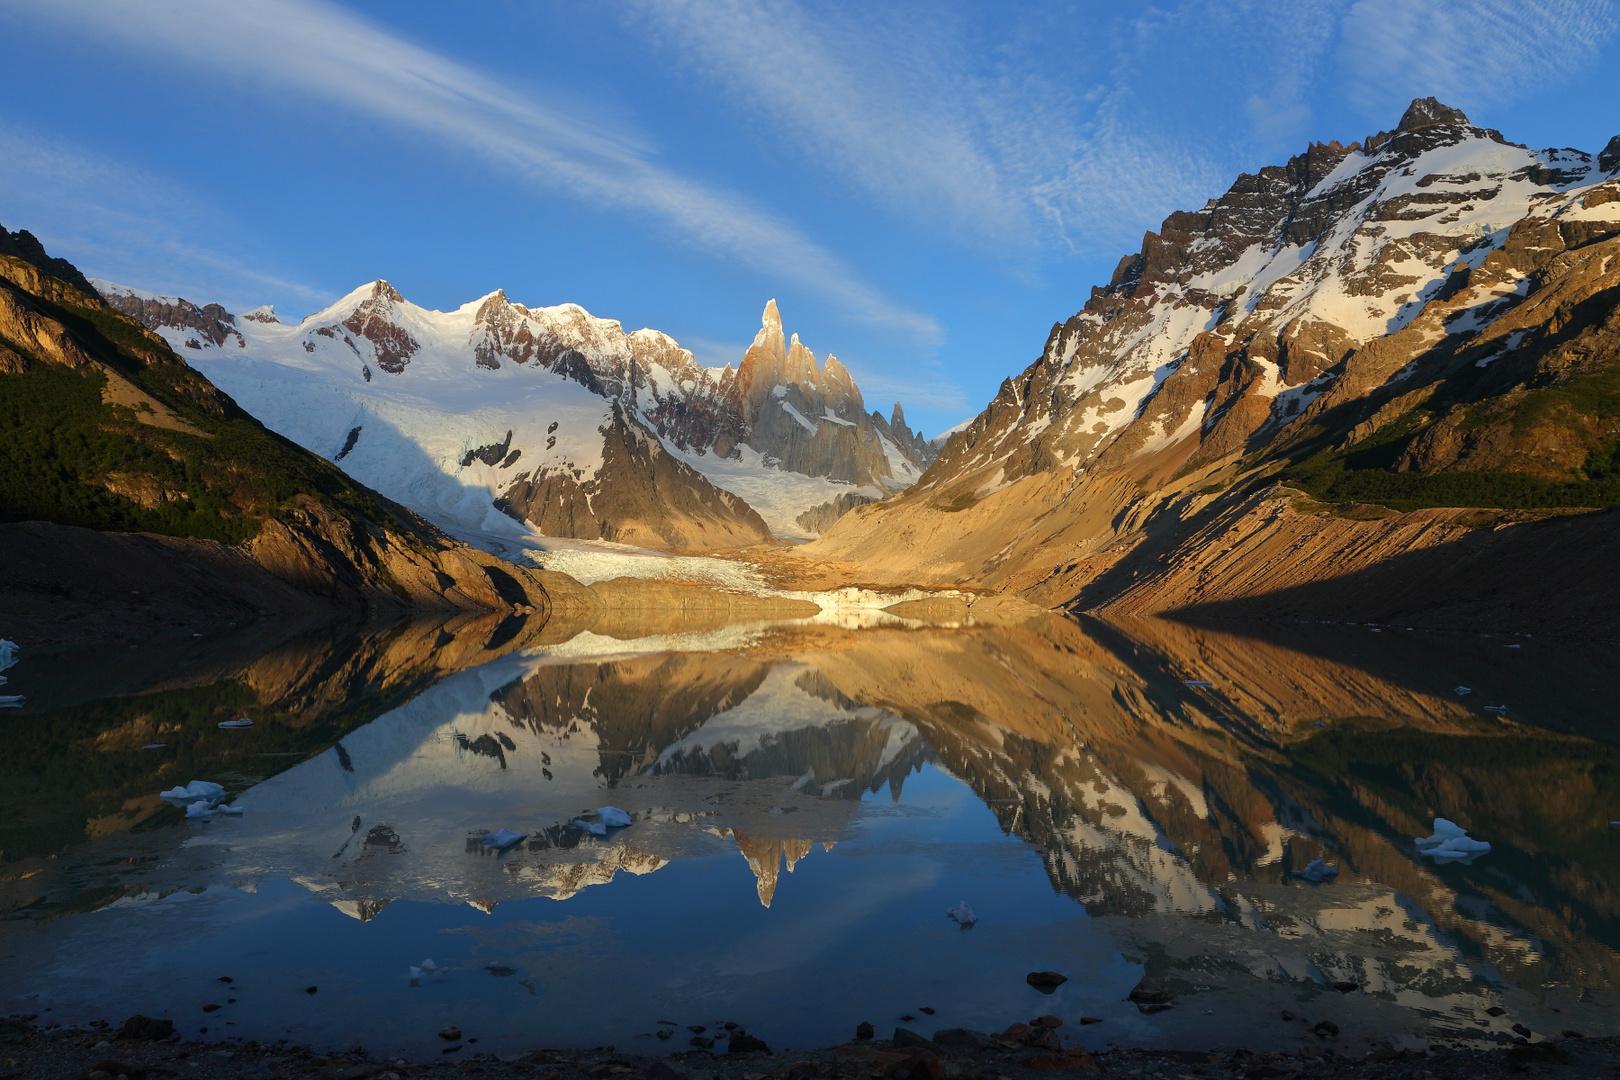 Cerro Torre after sunrise, El Chaltén - Patagonia - Argentina